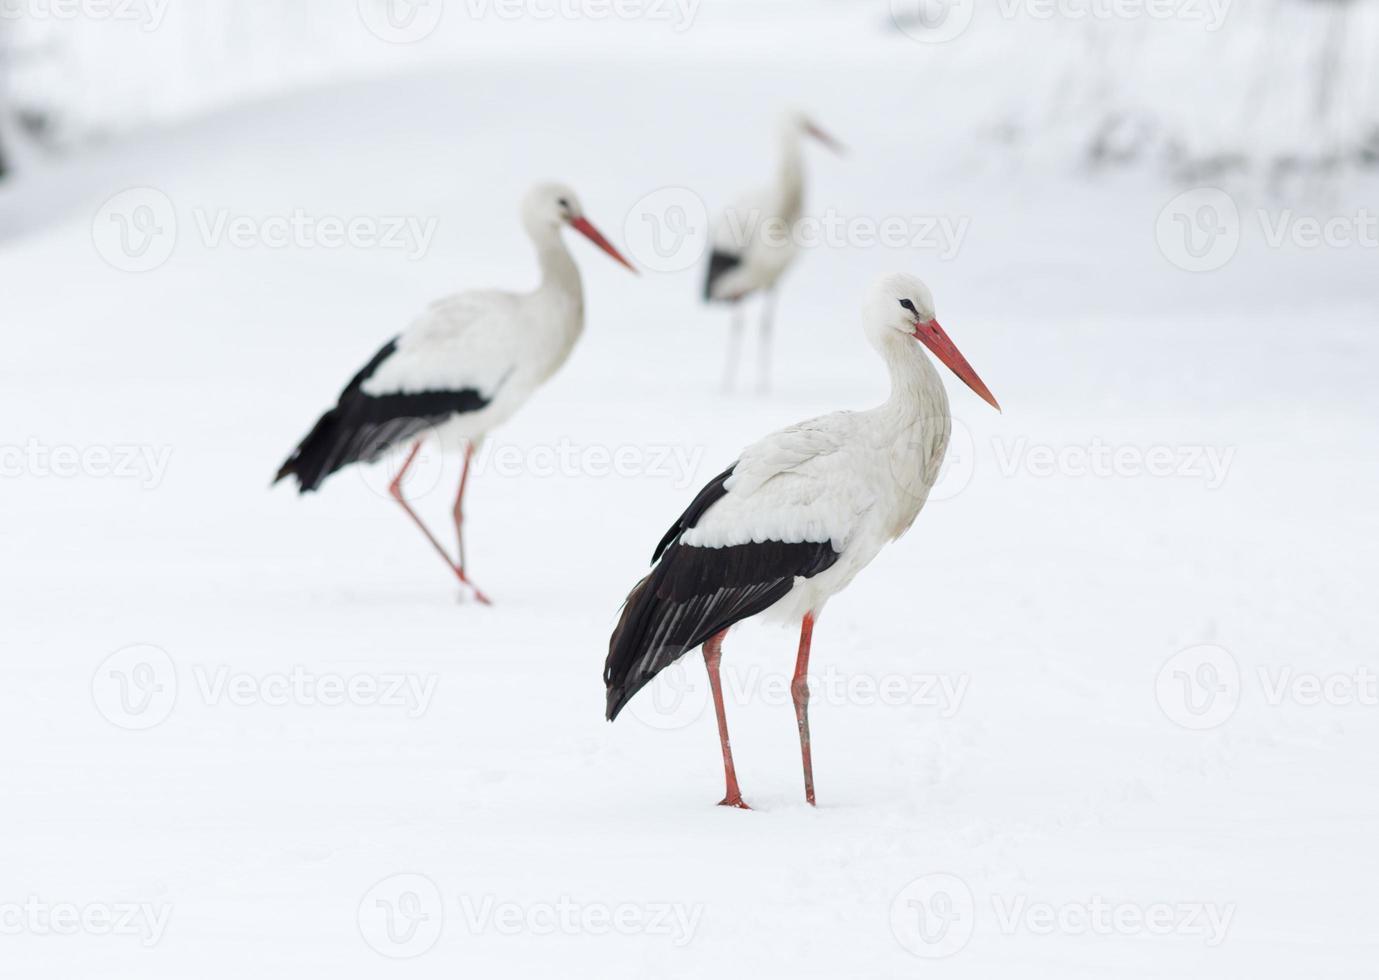 Storks in snow photo